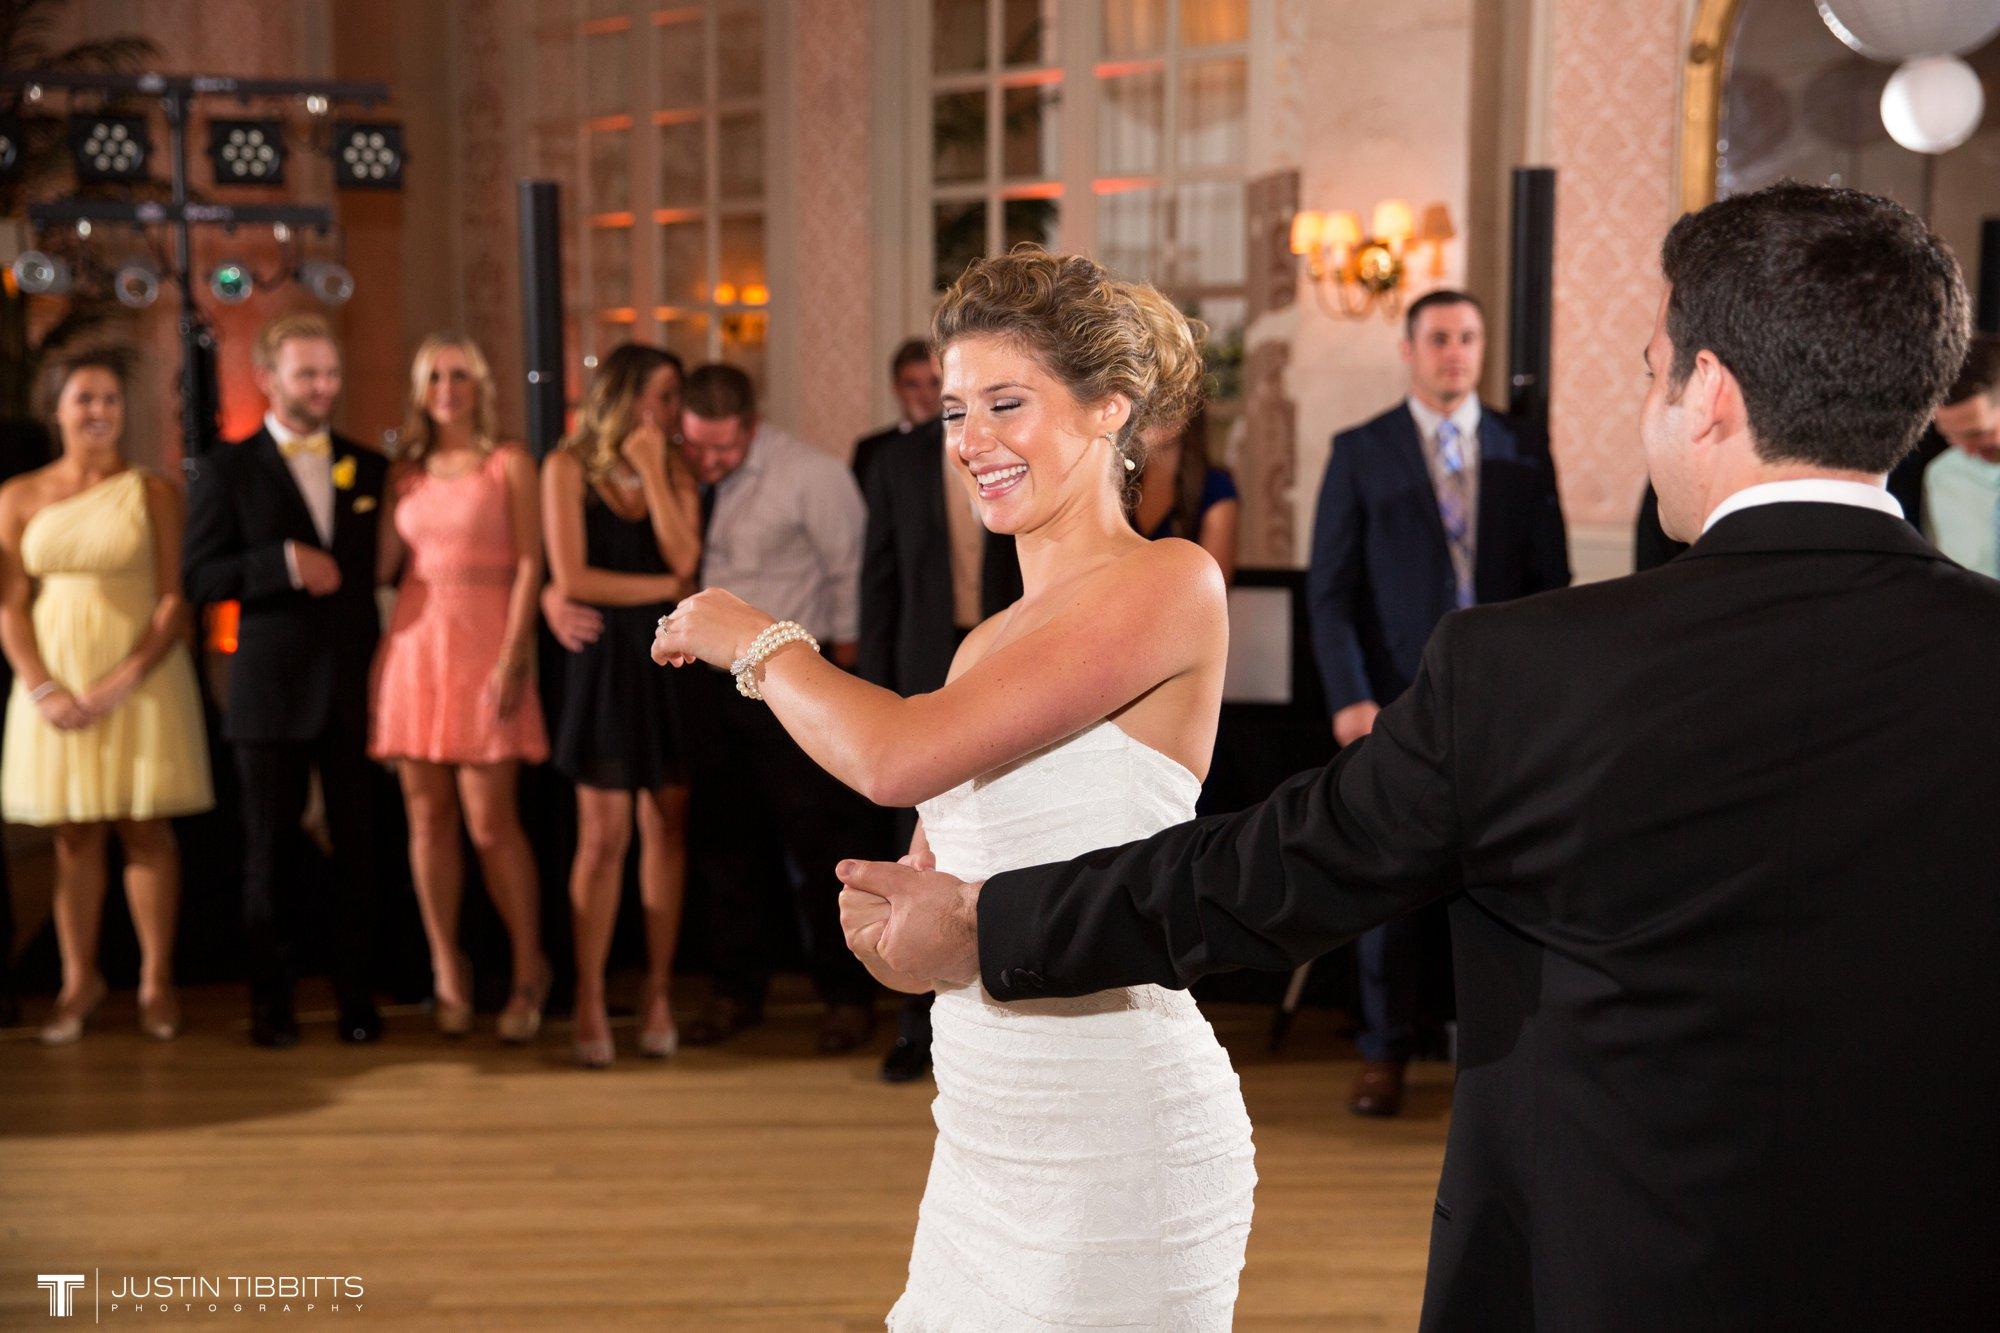 Albany NY Wedding Photographer Justin Tibbitts Photography Albany NY 2014 Best of Weddings17Albany NY Wedding Photographer Justin Tibbitts Photography Albany NY Best of Weddings22